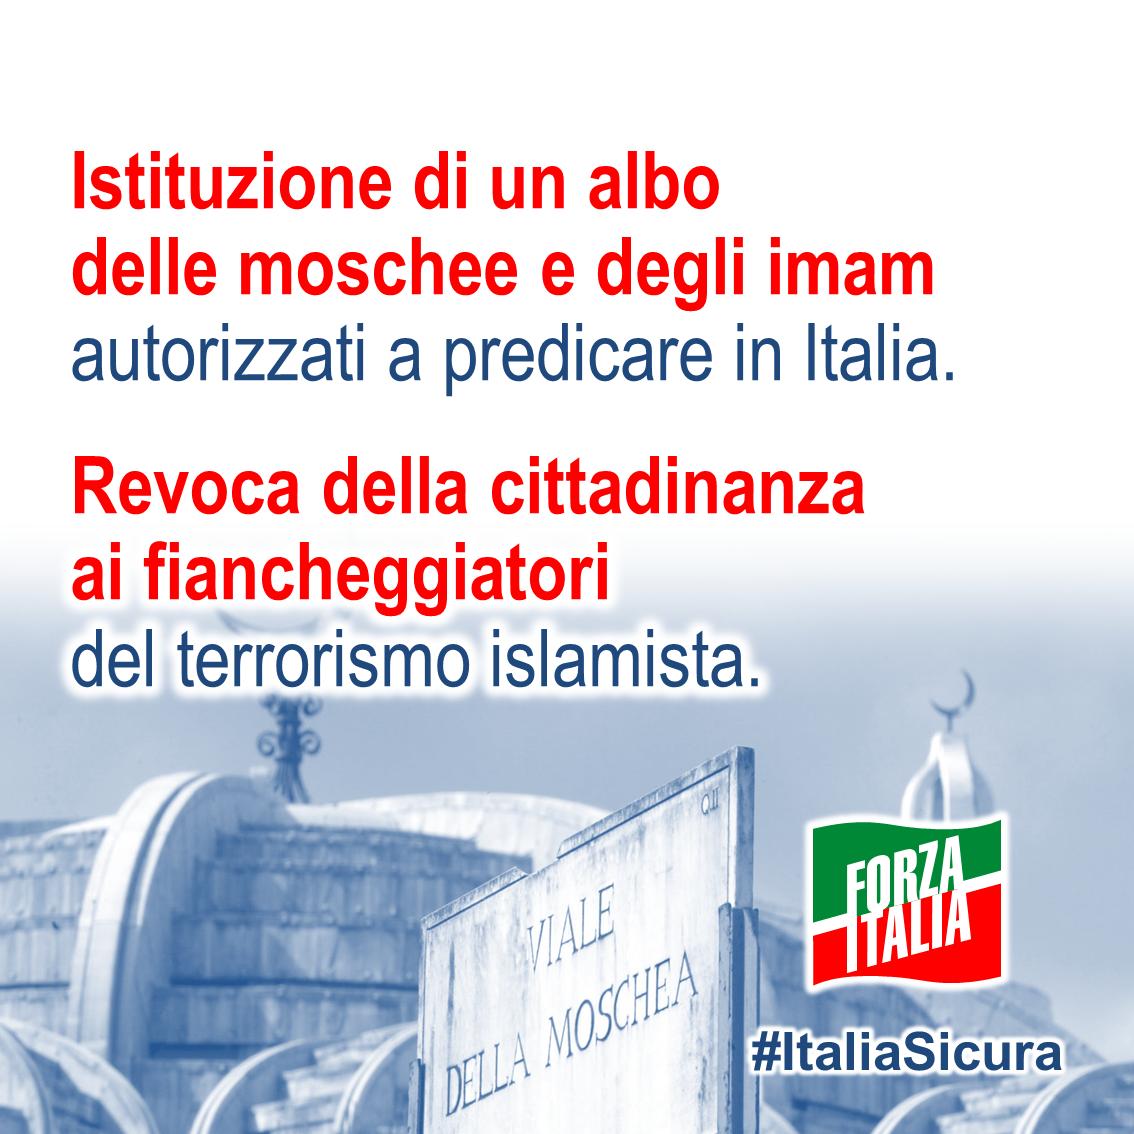 Forza italia security days for Deputati di forza italia